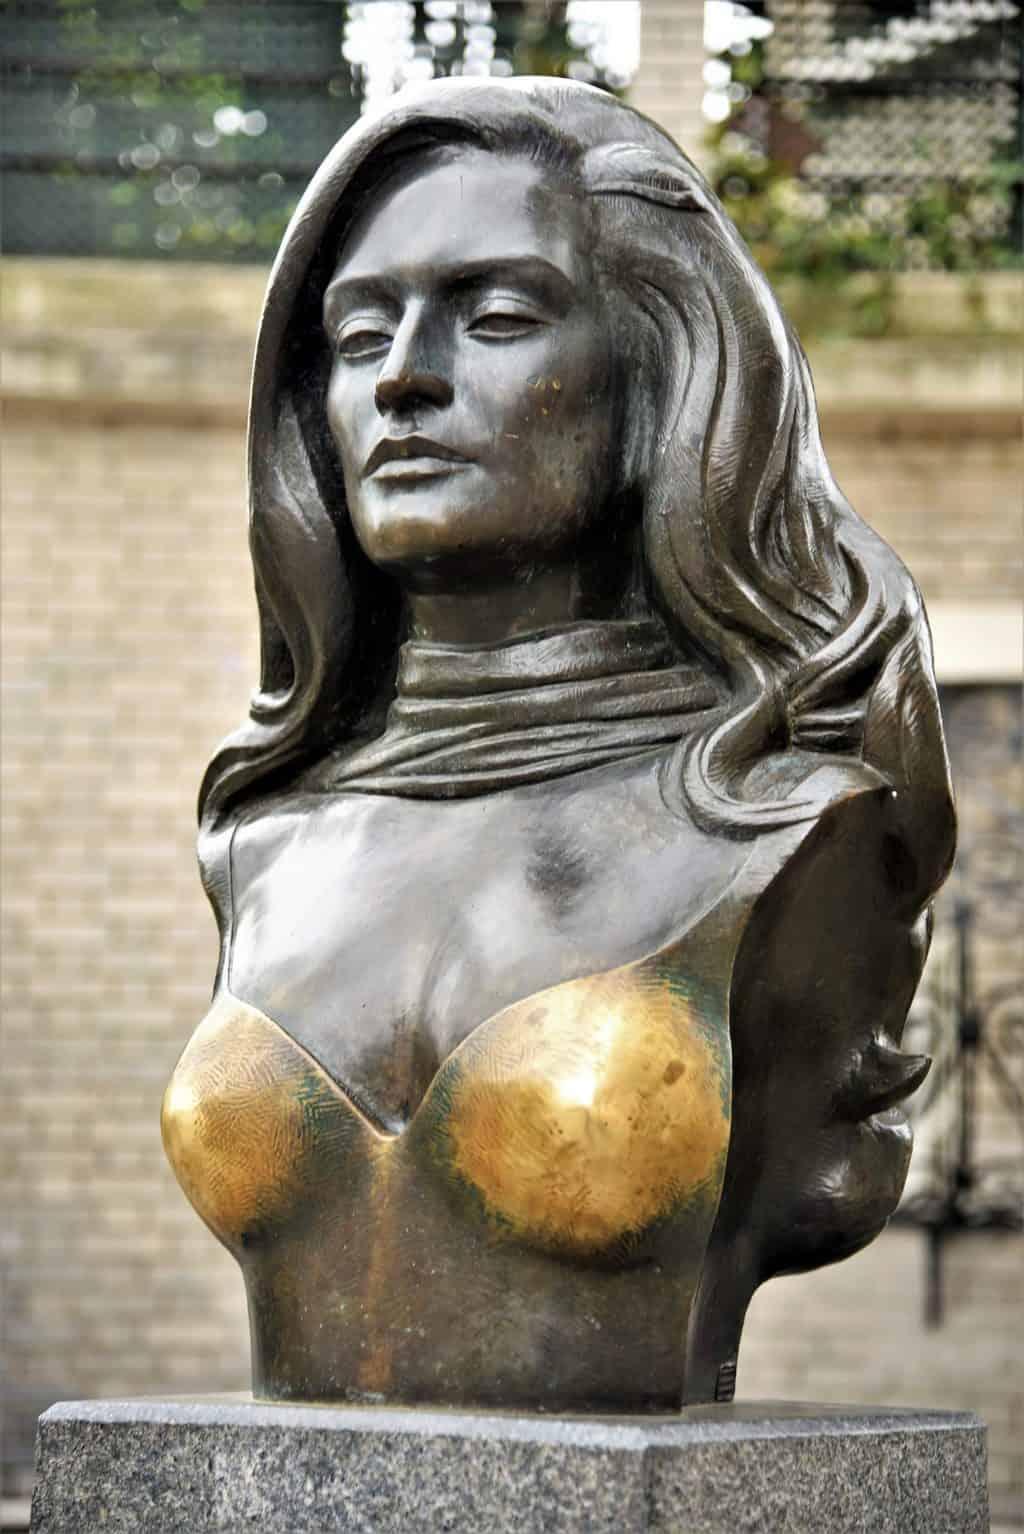 פסלה של דלידה. צילם: יואל תמנליס